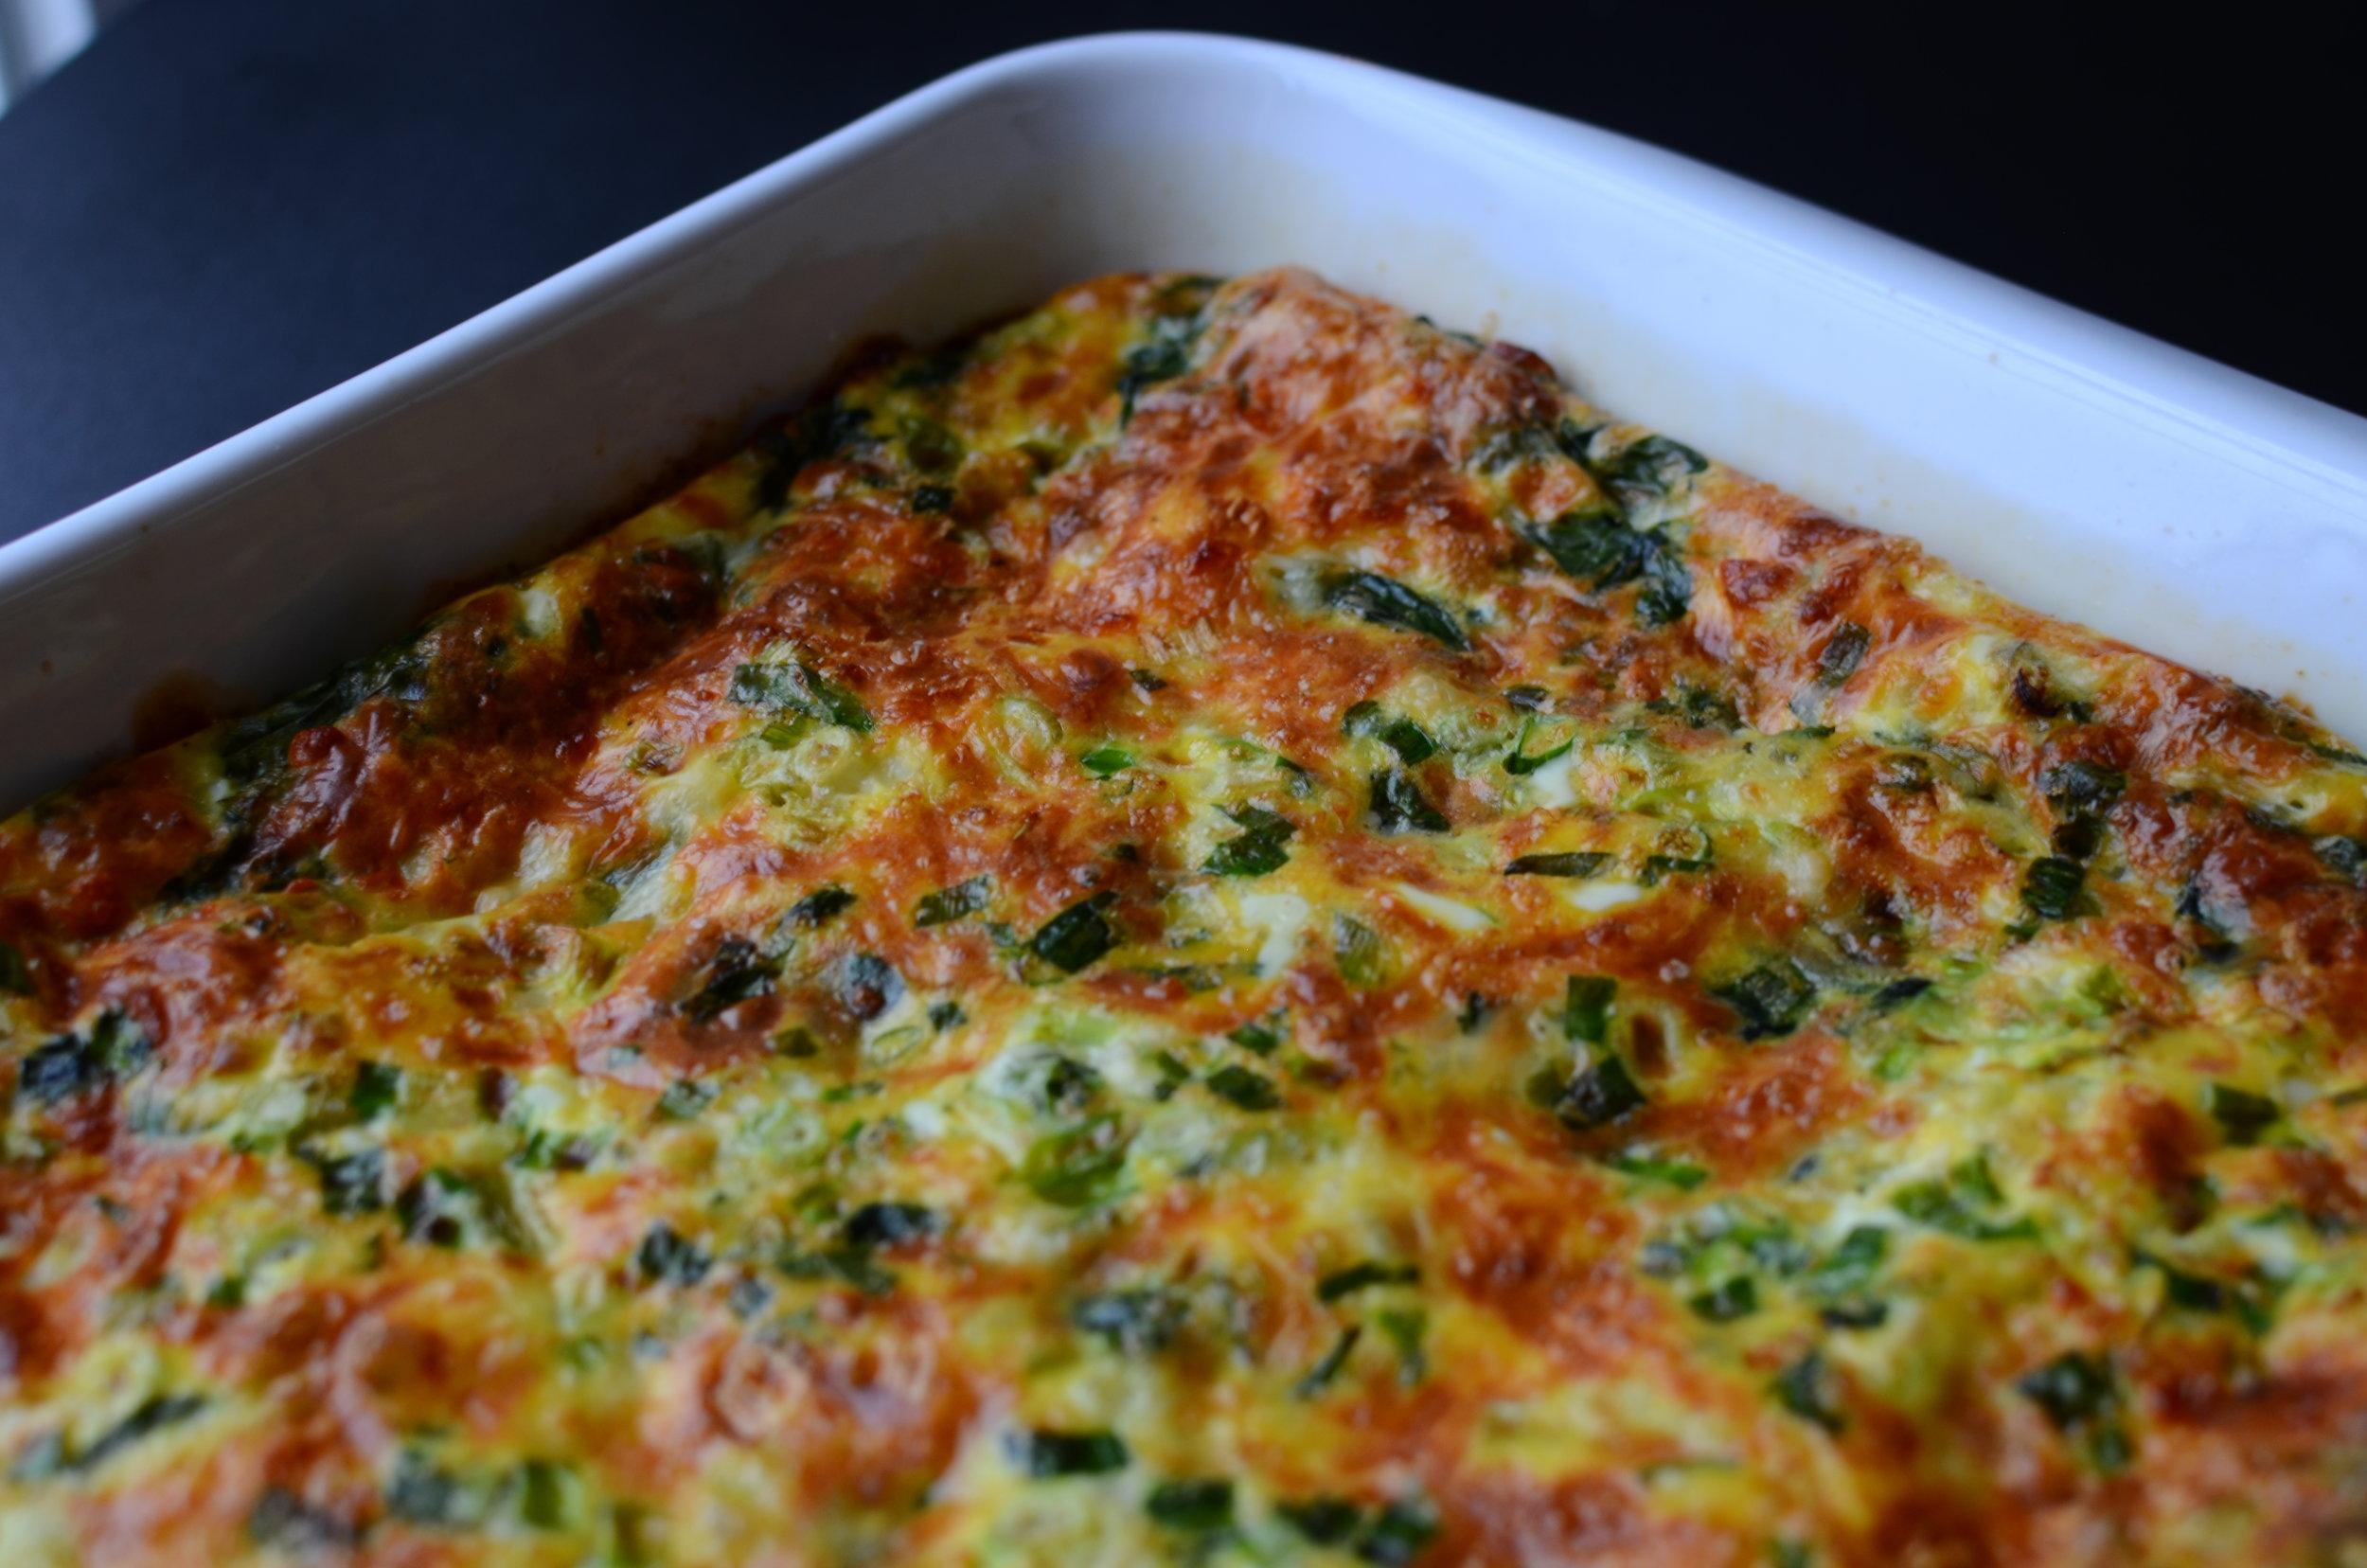 Keto egg casserole recipe. keto spinach and cheese bake recipe. keto spinach and cheese egg casserole. keto easter breakfast recipe. keto egg recipe. keto baked eggs with spinach and cheese.